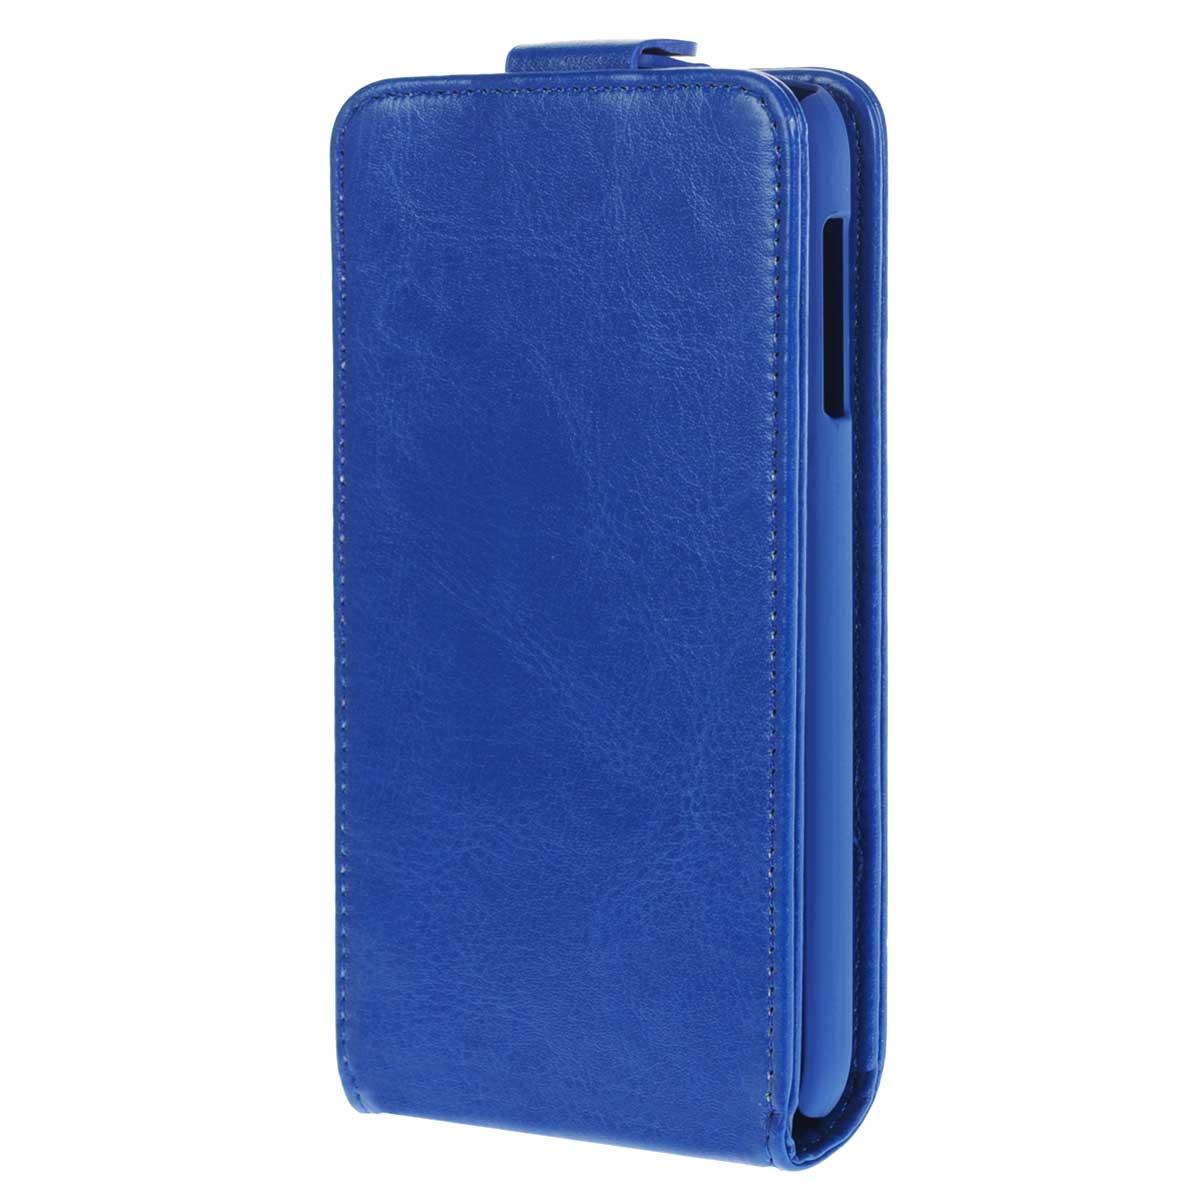 Skinbox Flip Case чехол для HTC Desire 510, BlueT-F-HD510Флип-кейс Skinbox для HTC Desire 510 не ограничивает функционал мобильного телефона. Адаптированная форма оставляет необходимые элементы устройства, такие как разъемы, камера, порт передачи данных, микрофон и динамики легко доступными. Качественная искусственная кожа, из которой изготовлен чехол, очень прочна и практична, а также идеально соответствует натуральной коже и создает приятные ощущения при касании. Смартфон фиксируется на жесткой основе из прочного пластика, которая не только защищает смартфон от ударов, но и максимально долго сохраняет свою форму. Передняя панель флип-кейса закрепляется магнитной застежкой, предотвращающей раскрытие чехла и повреждение дисплея вашего устройства.